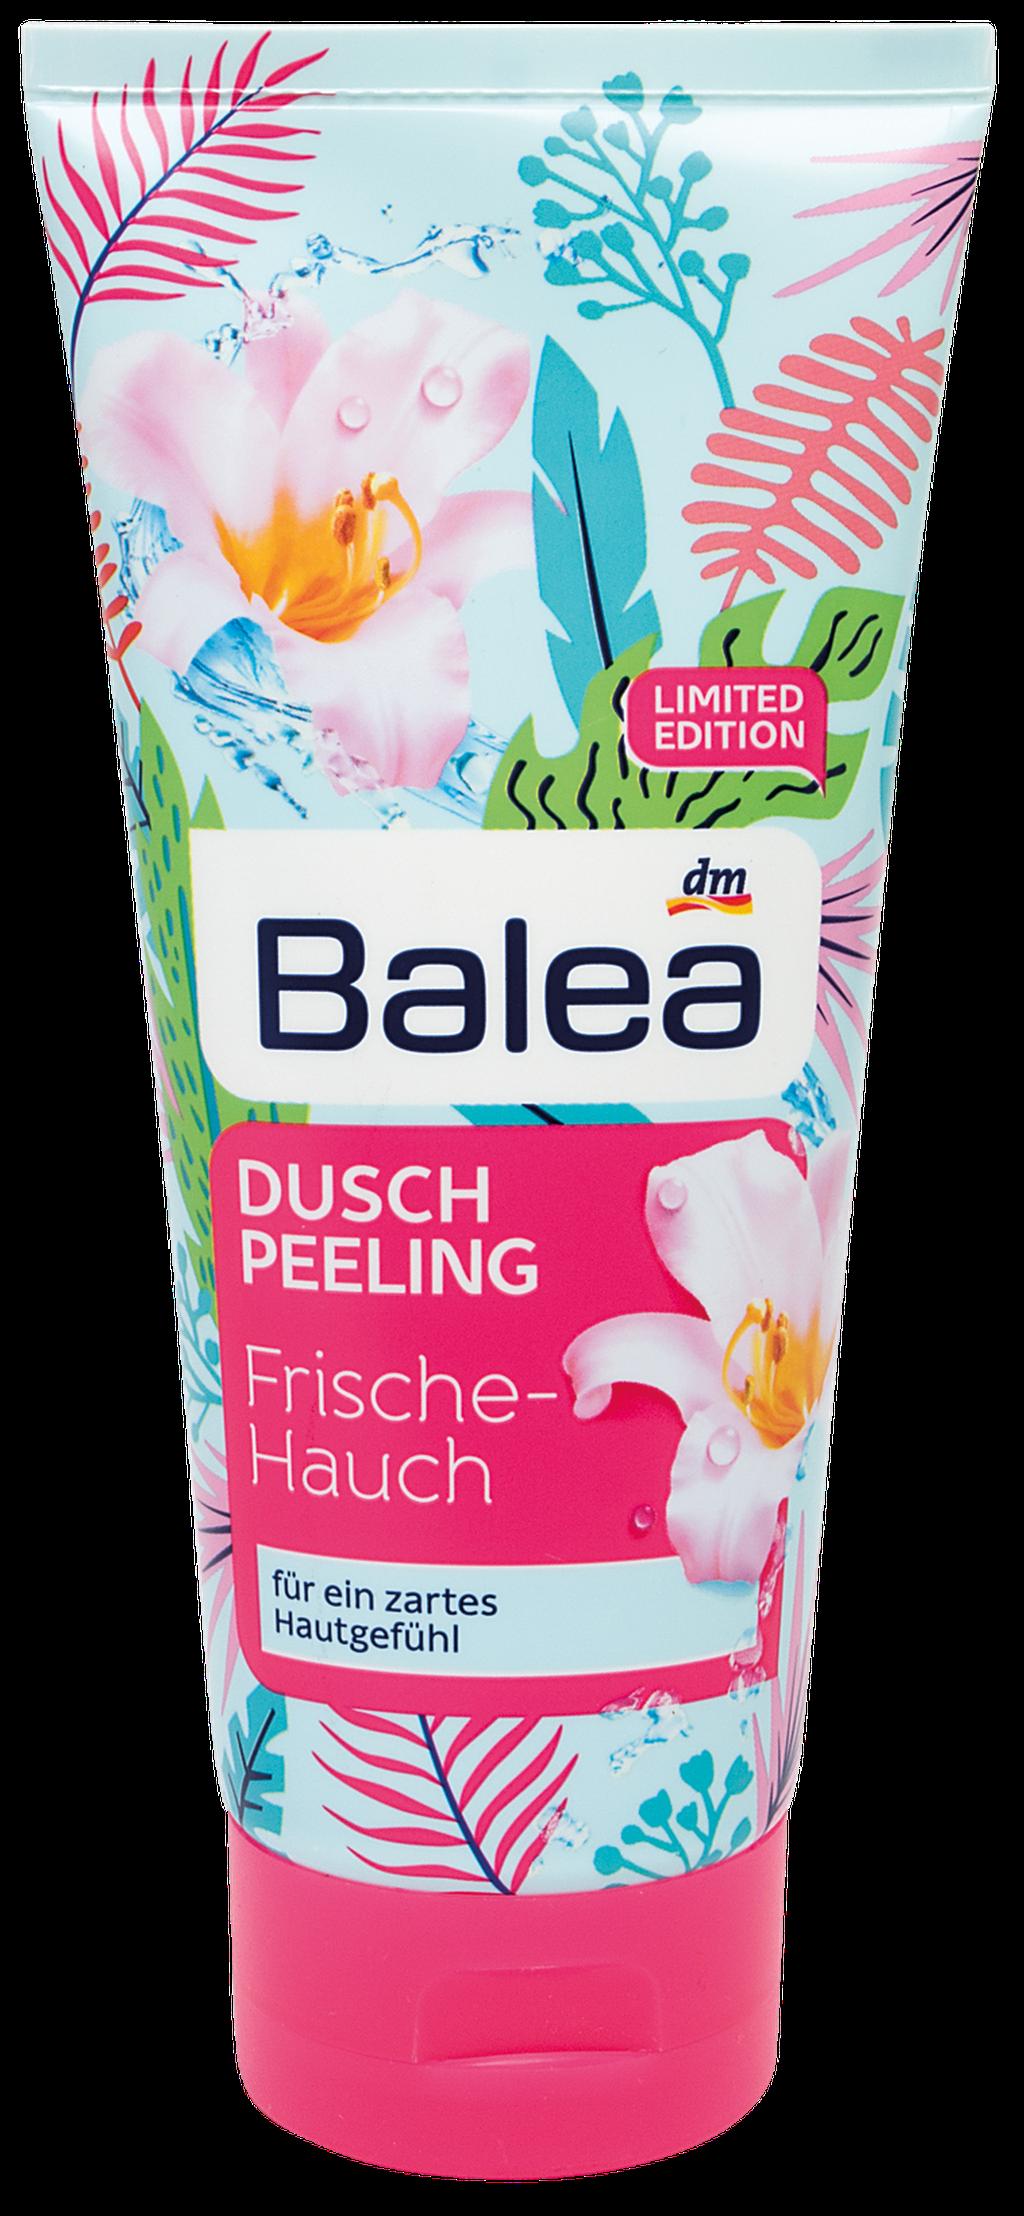 Balea piling za tuširanje proljetno cvijeće 200 ml, 9,90 kuna